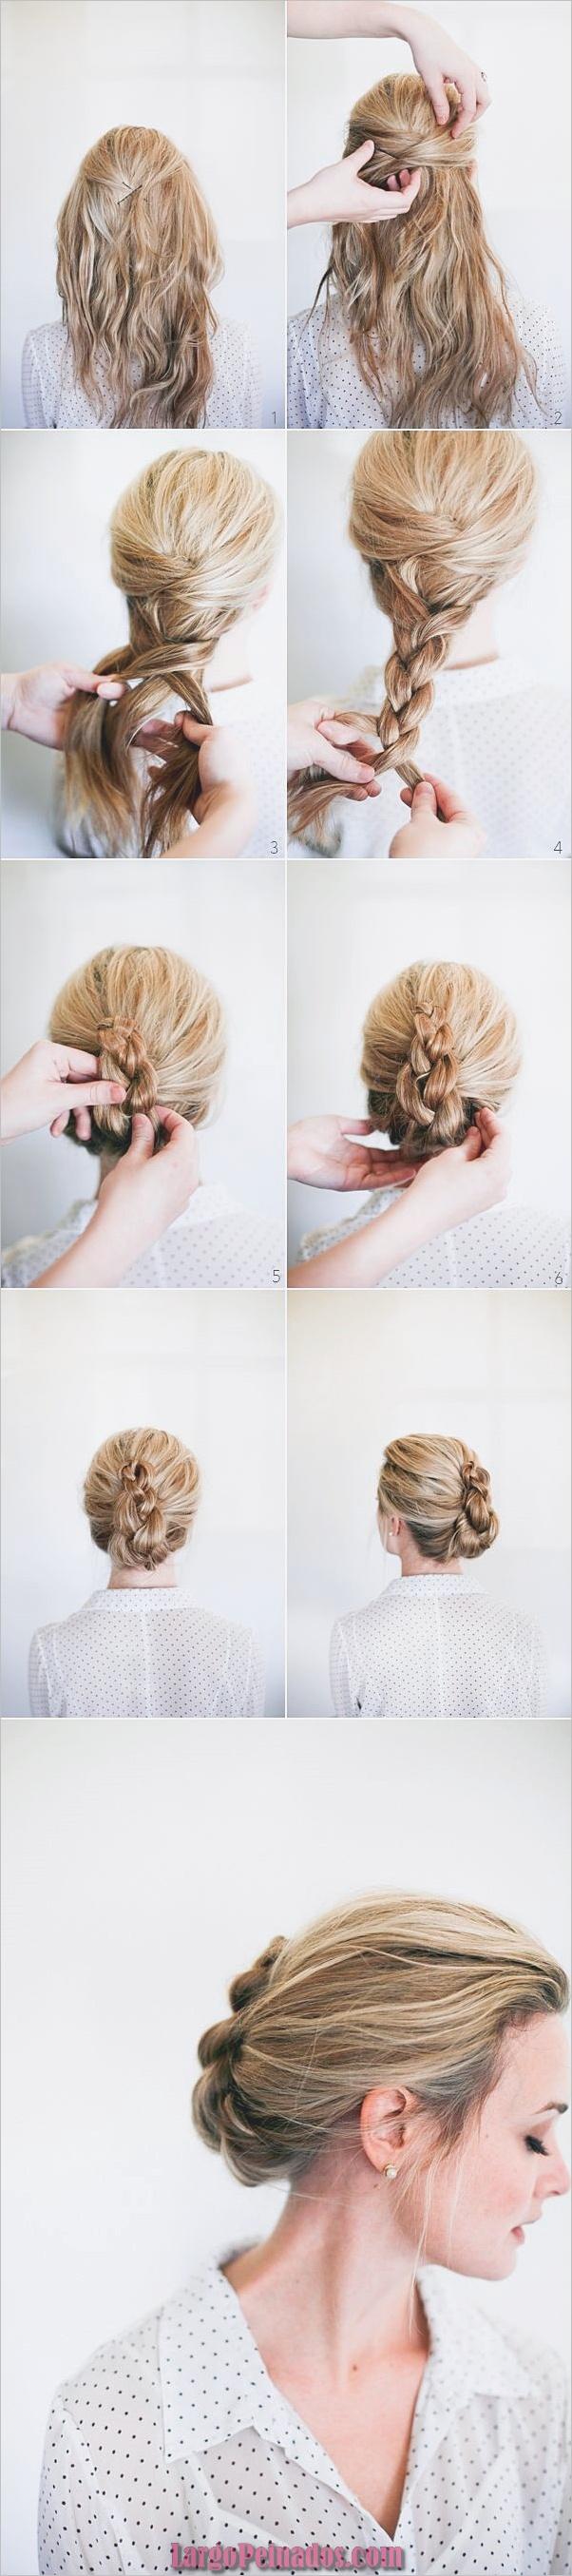 Peinados fáciles paso a paso para cabello largo12